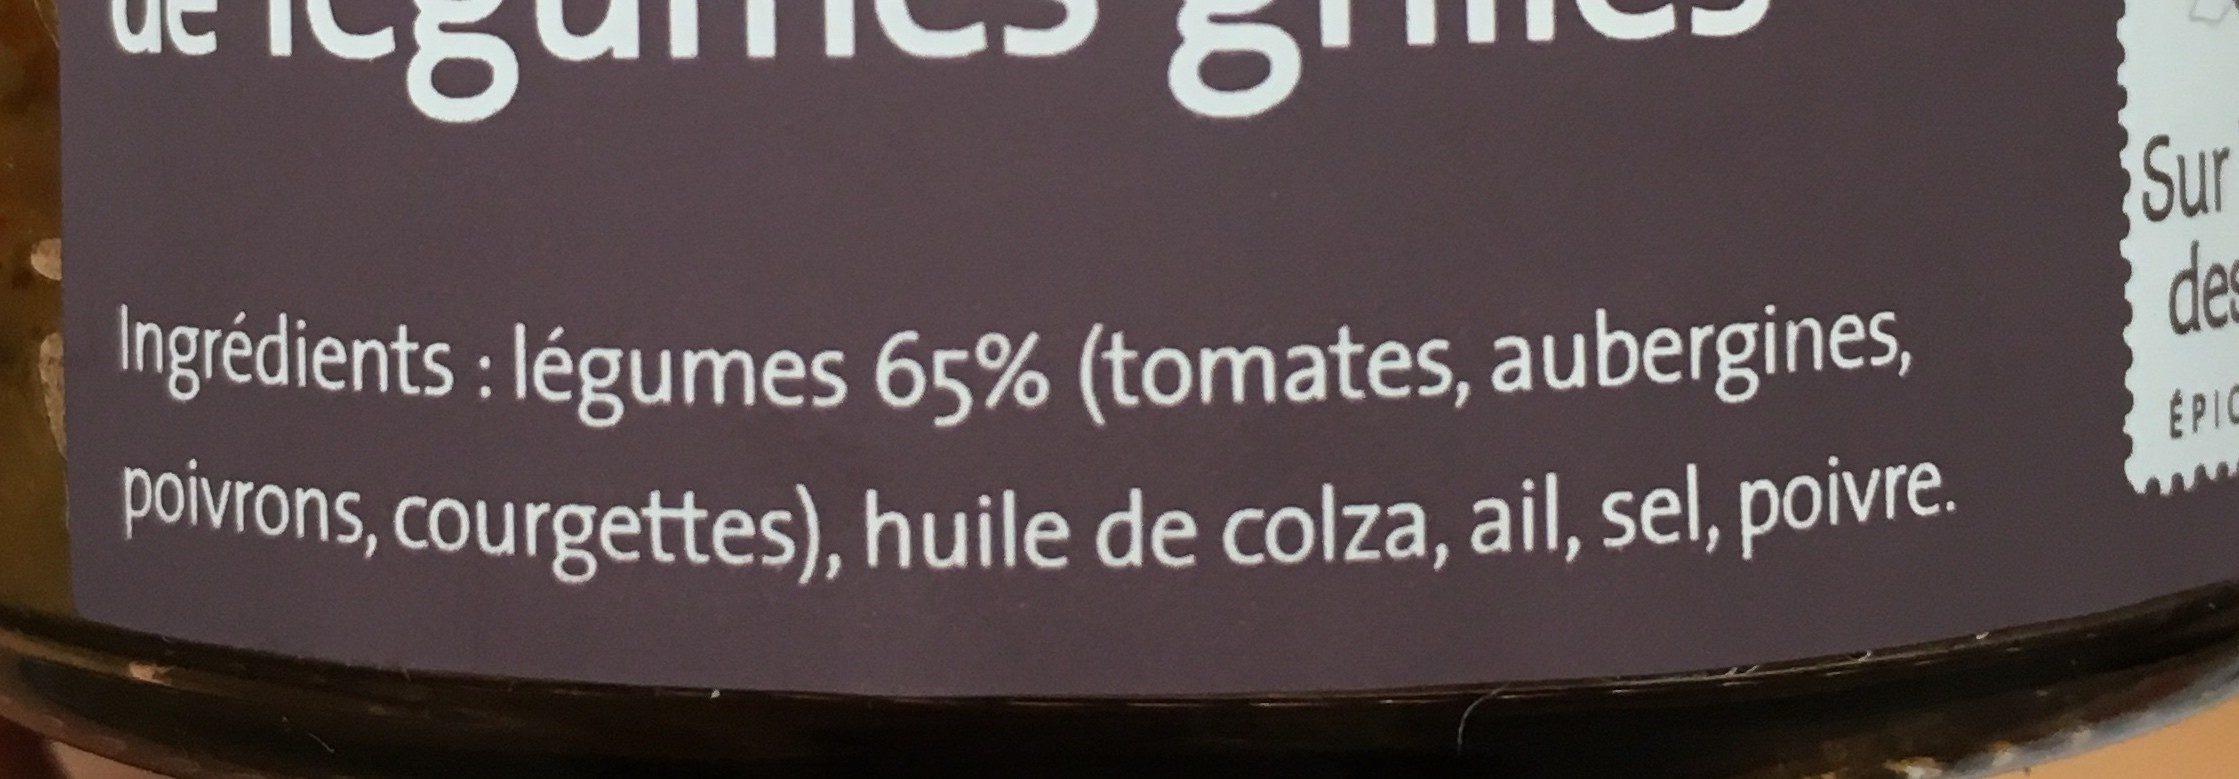 Compote de légumes grillés - Ingredients - fr